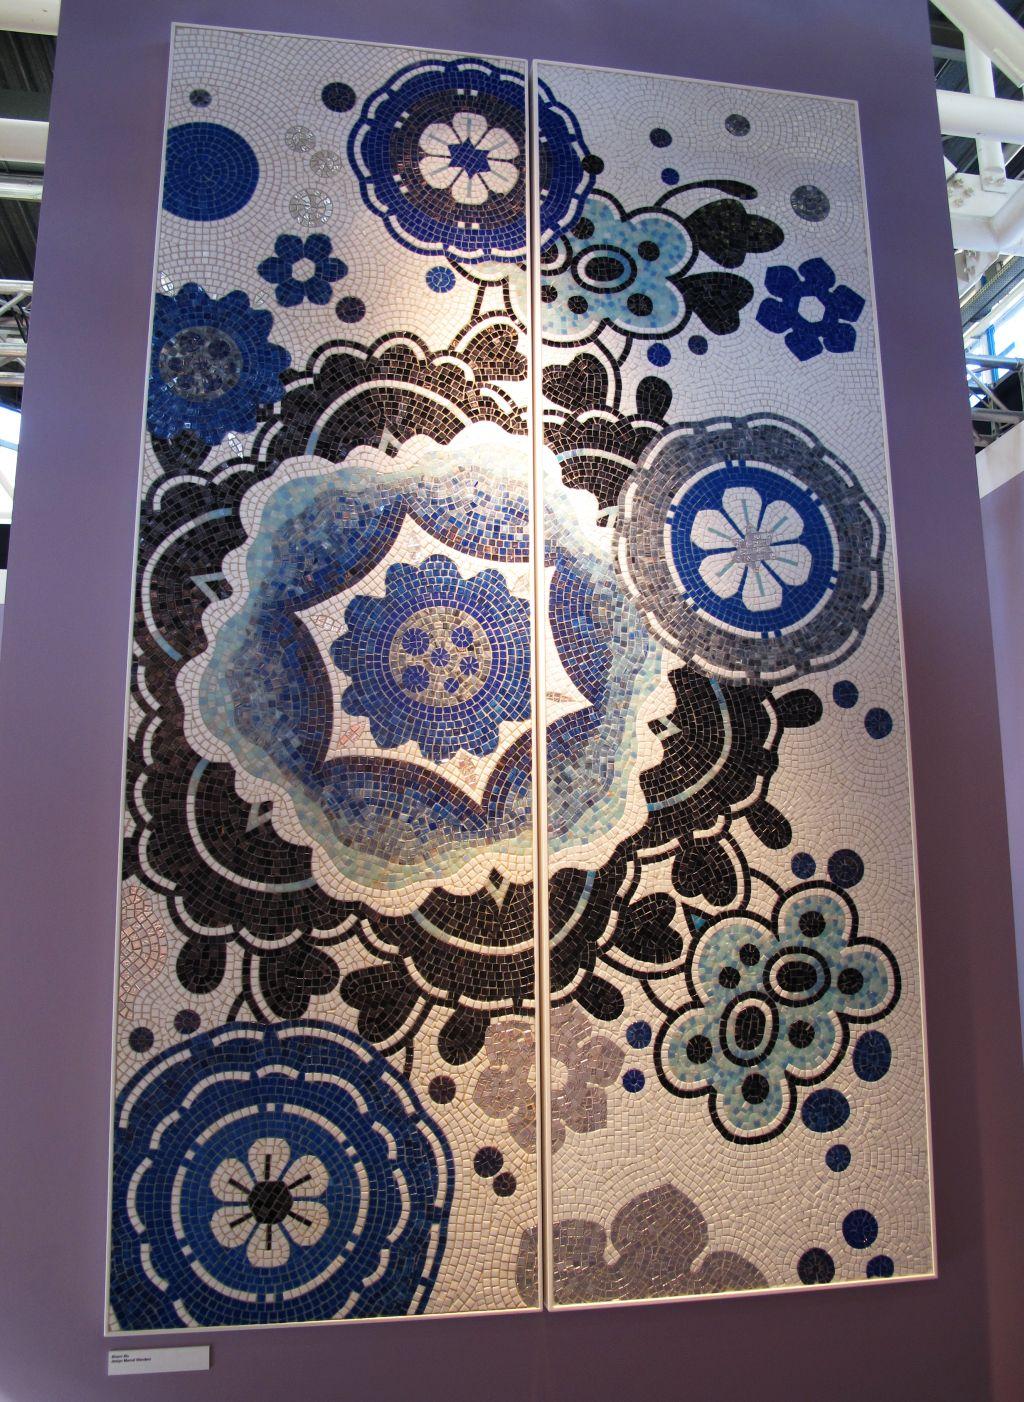 Mozaic artistic semnatd e Marcel Wanders pentru Bisazza